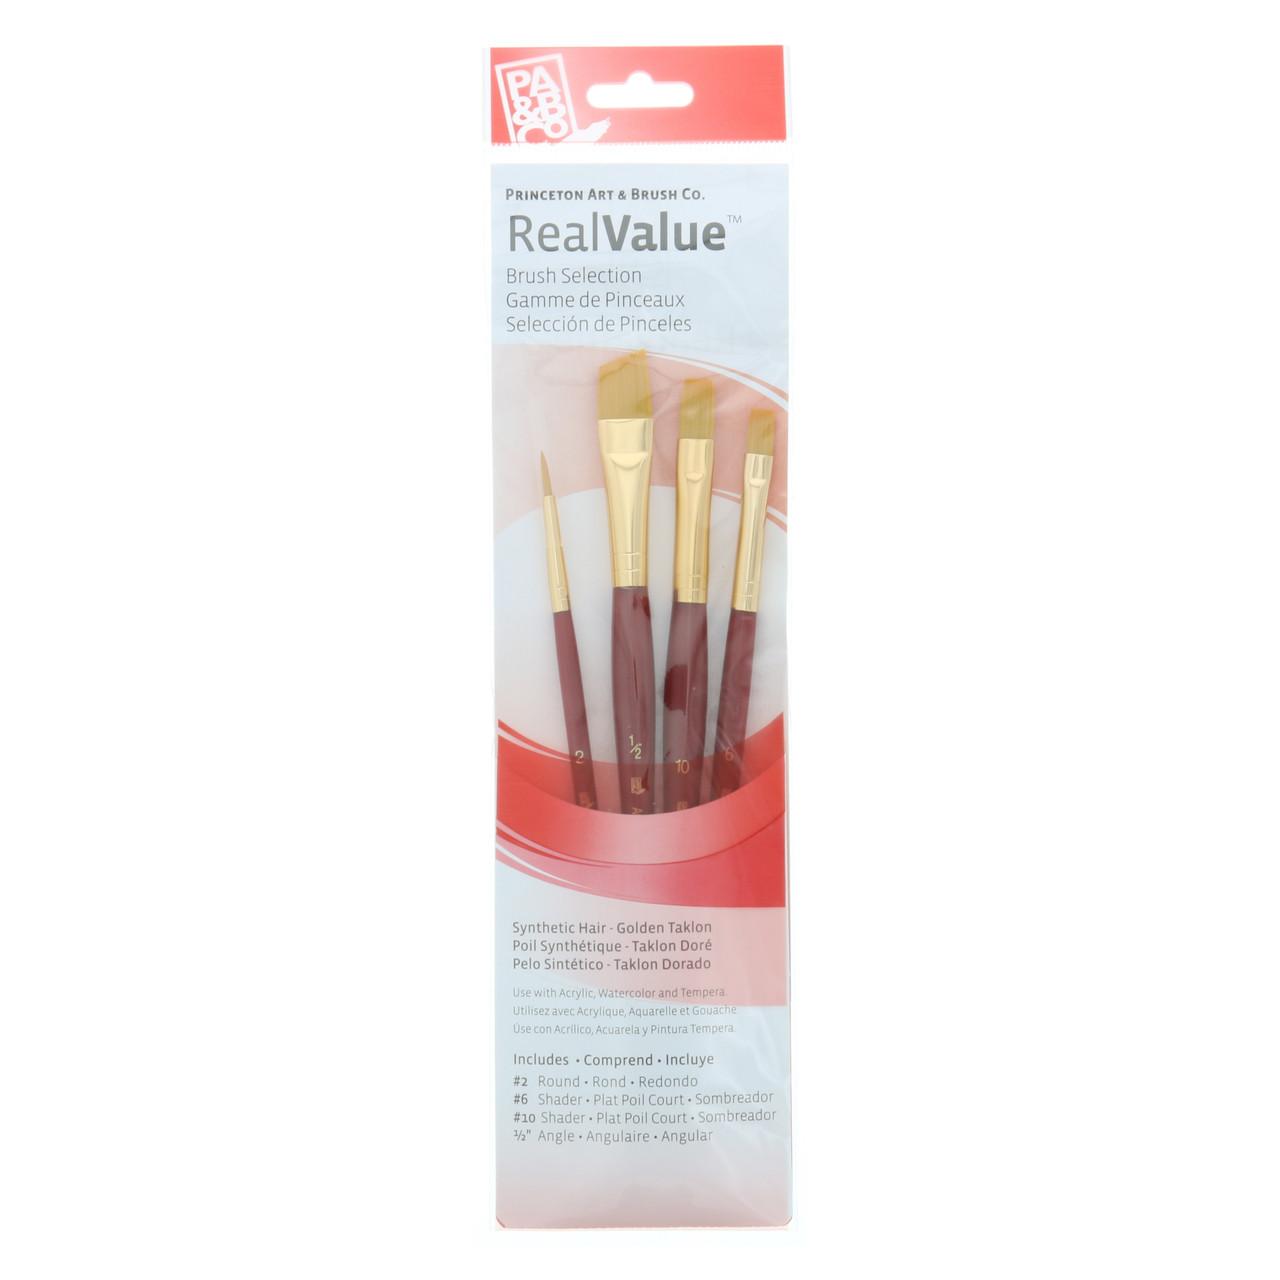 Synthetic Golden Taklon 4-Brush Set Round 2, Shader 6, 10, Angle 1/2